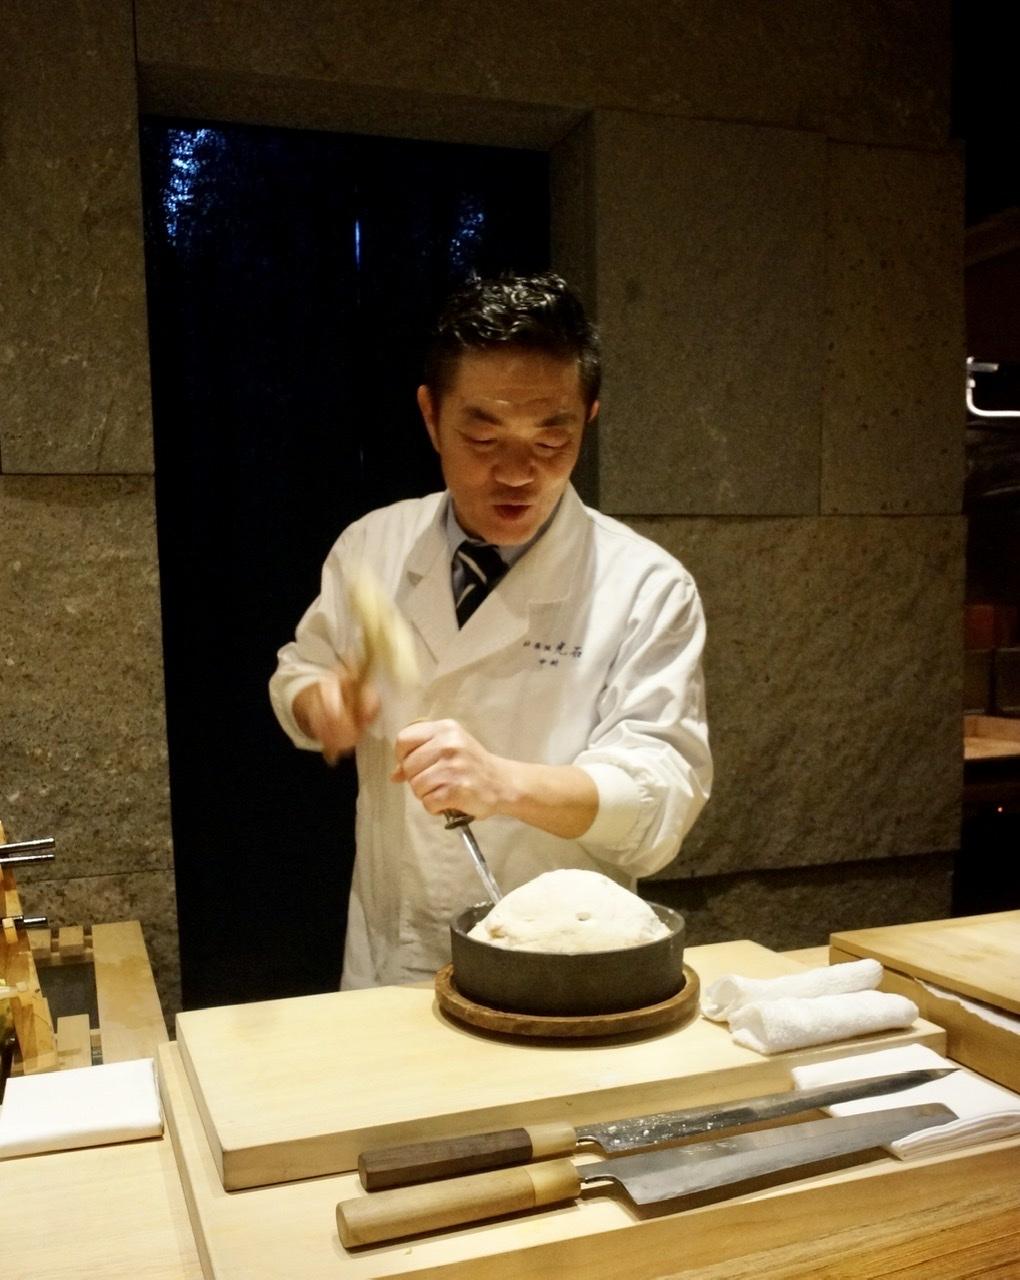 至高の晩餐 神楽坂光石Vol.3_c0180686_02081580.jpeg